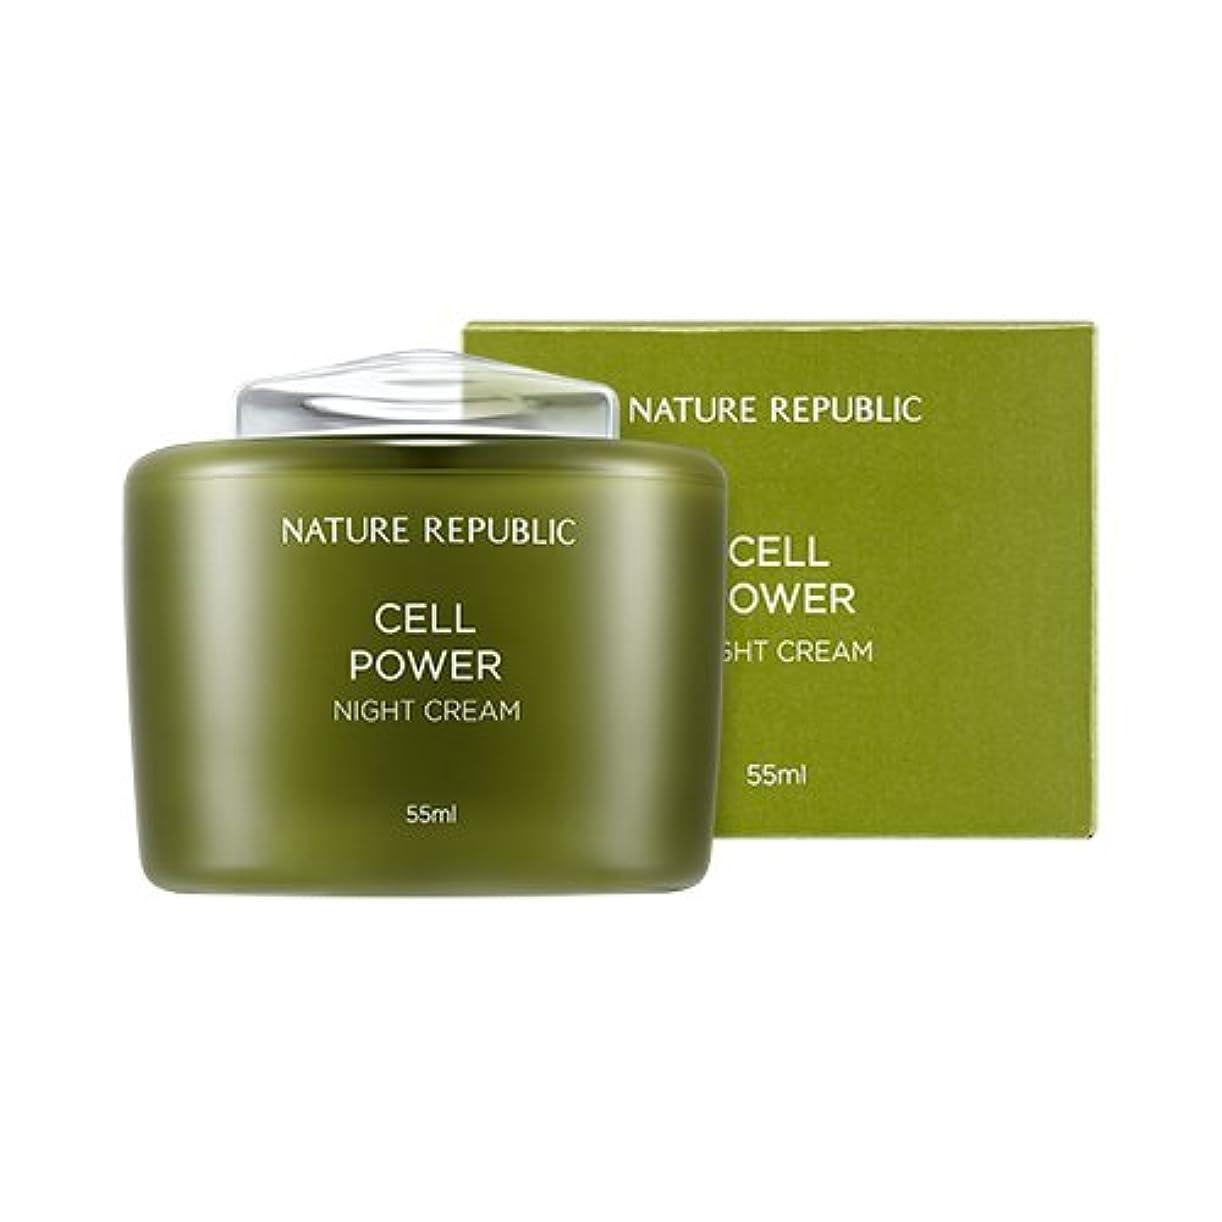 ぜいたく味付けトランクNature Republic Cell Power Night Cream ネイチャーリパブリックセルパワーナイトクリーム [並行輸入品]